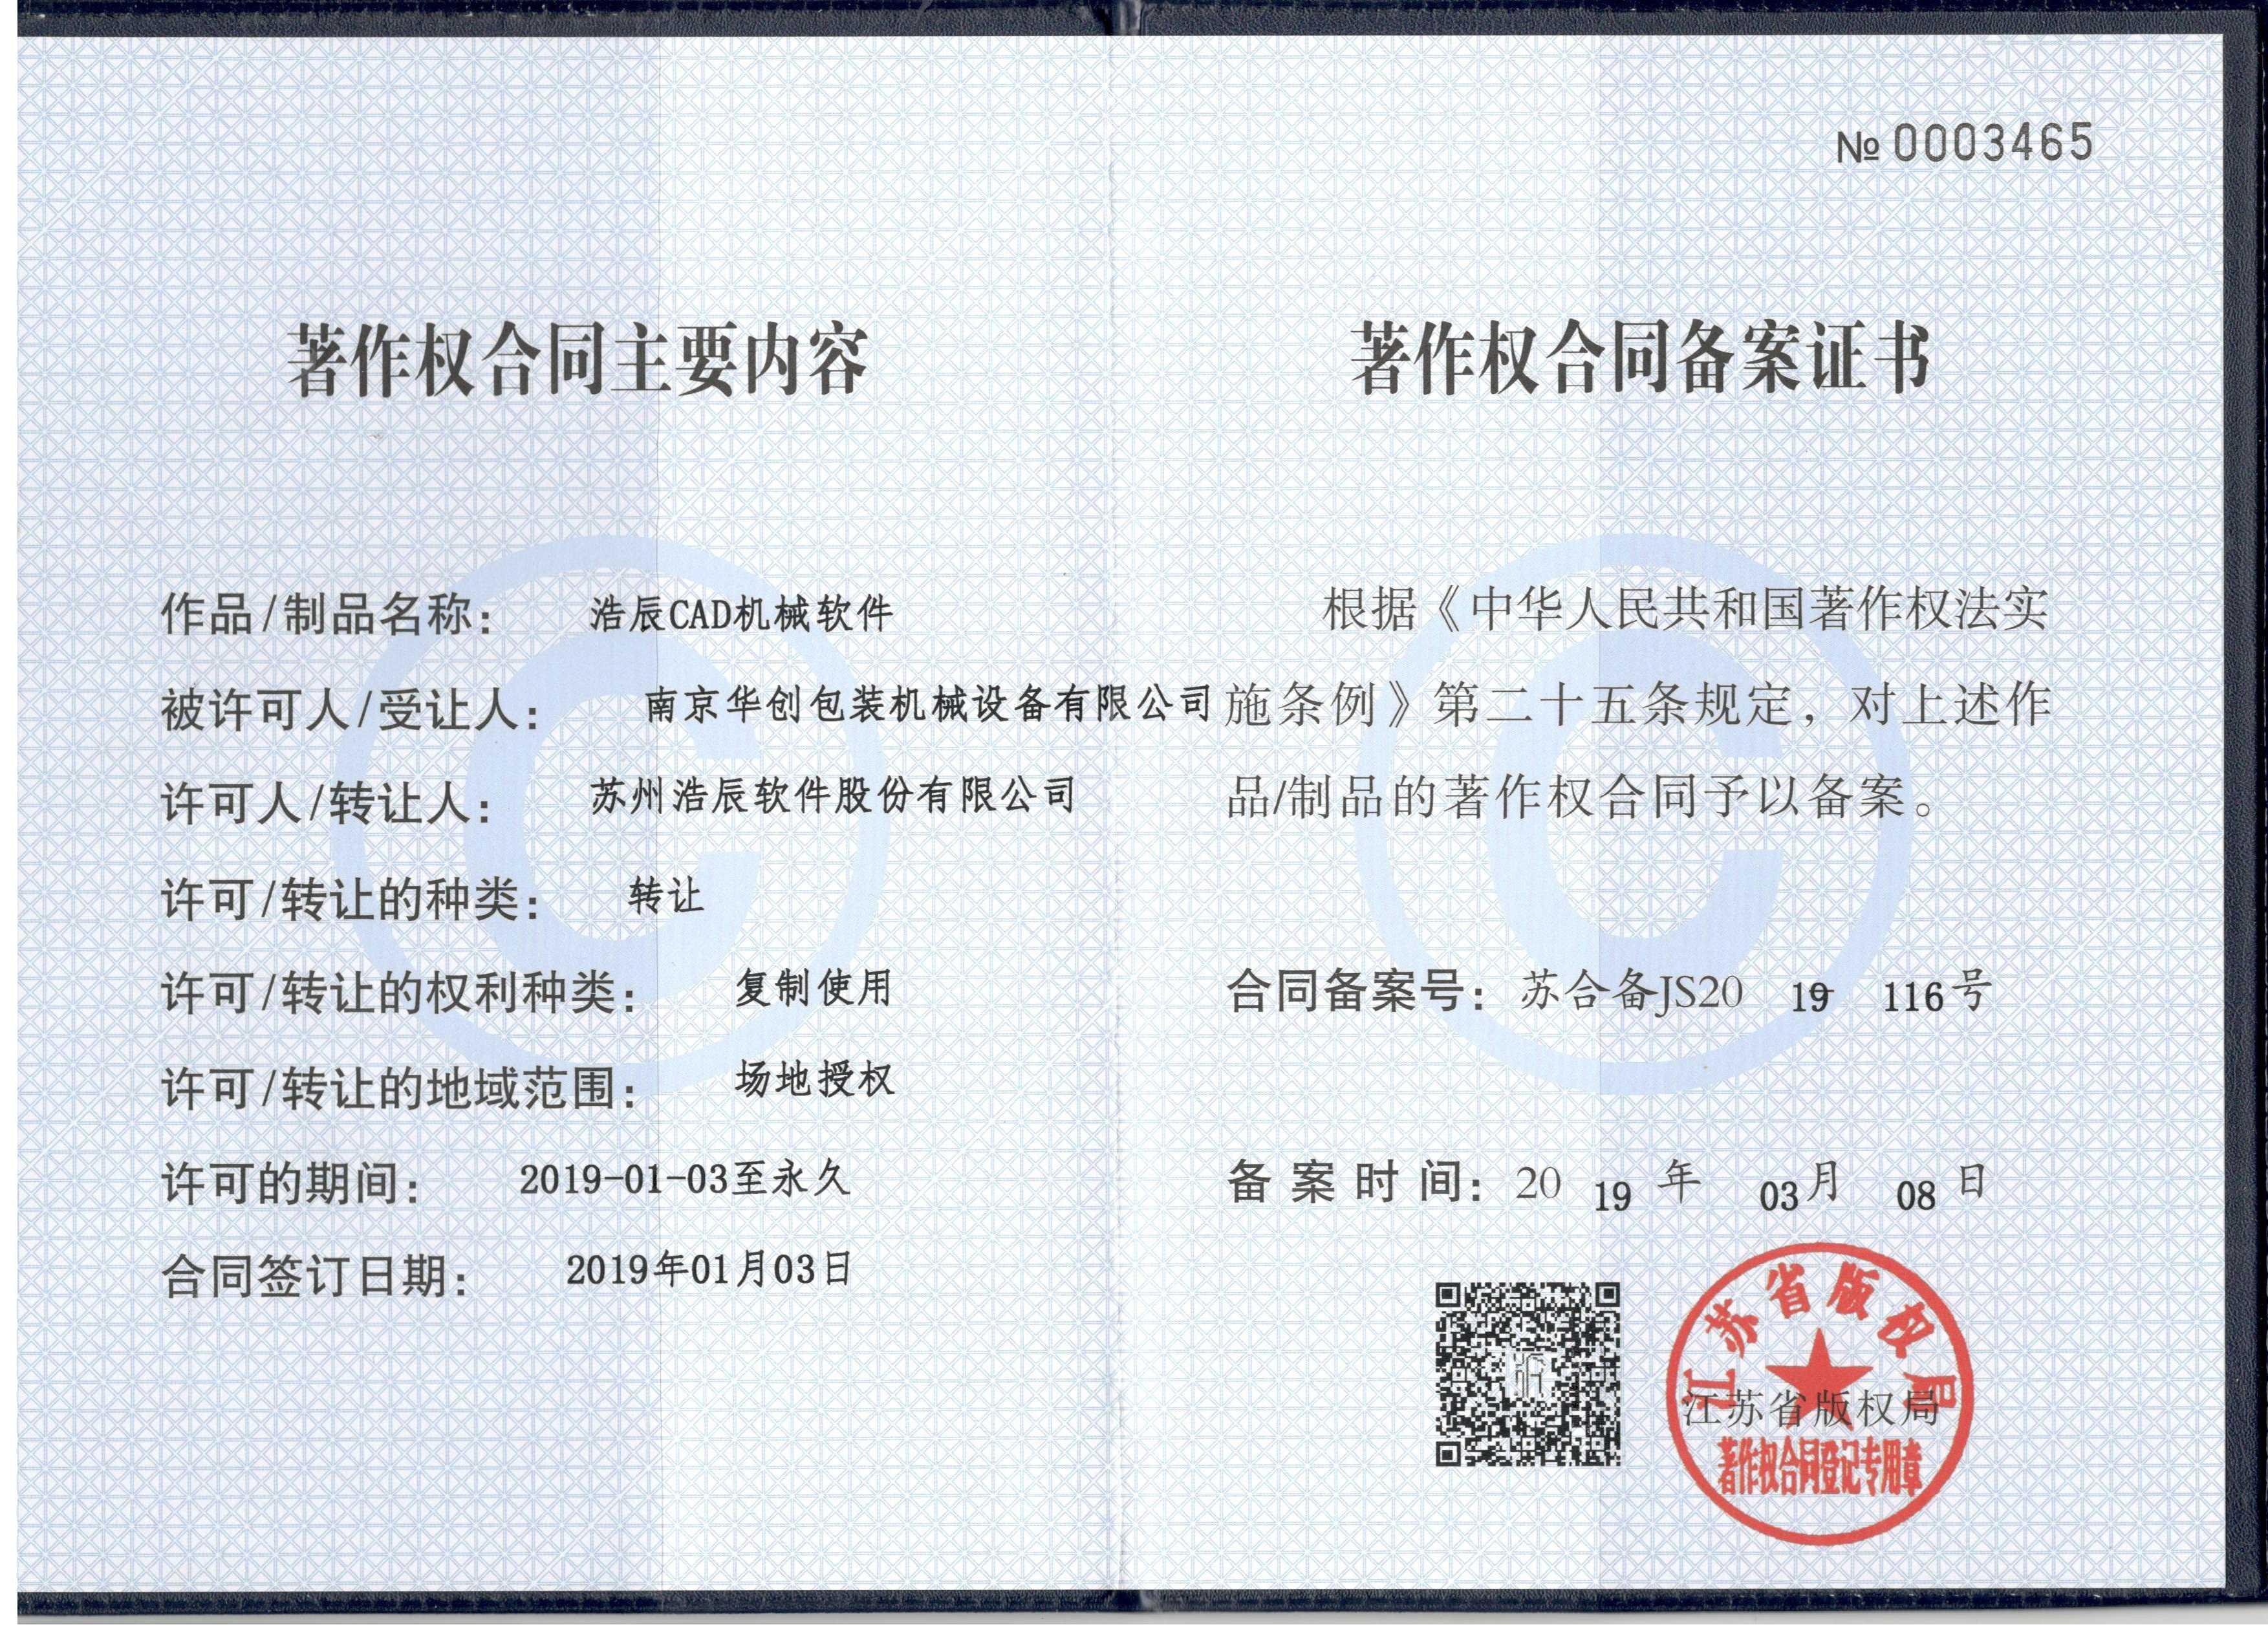 專利著作:浩辰CAD機械軟件